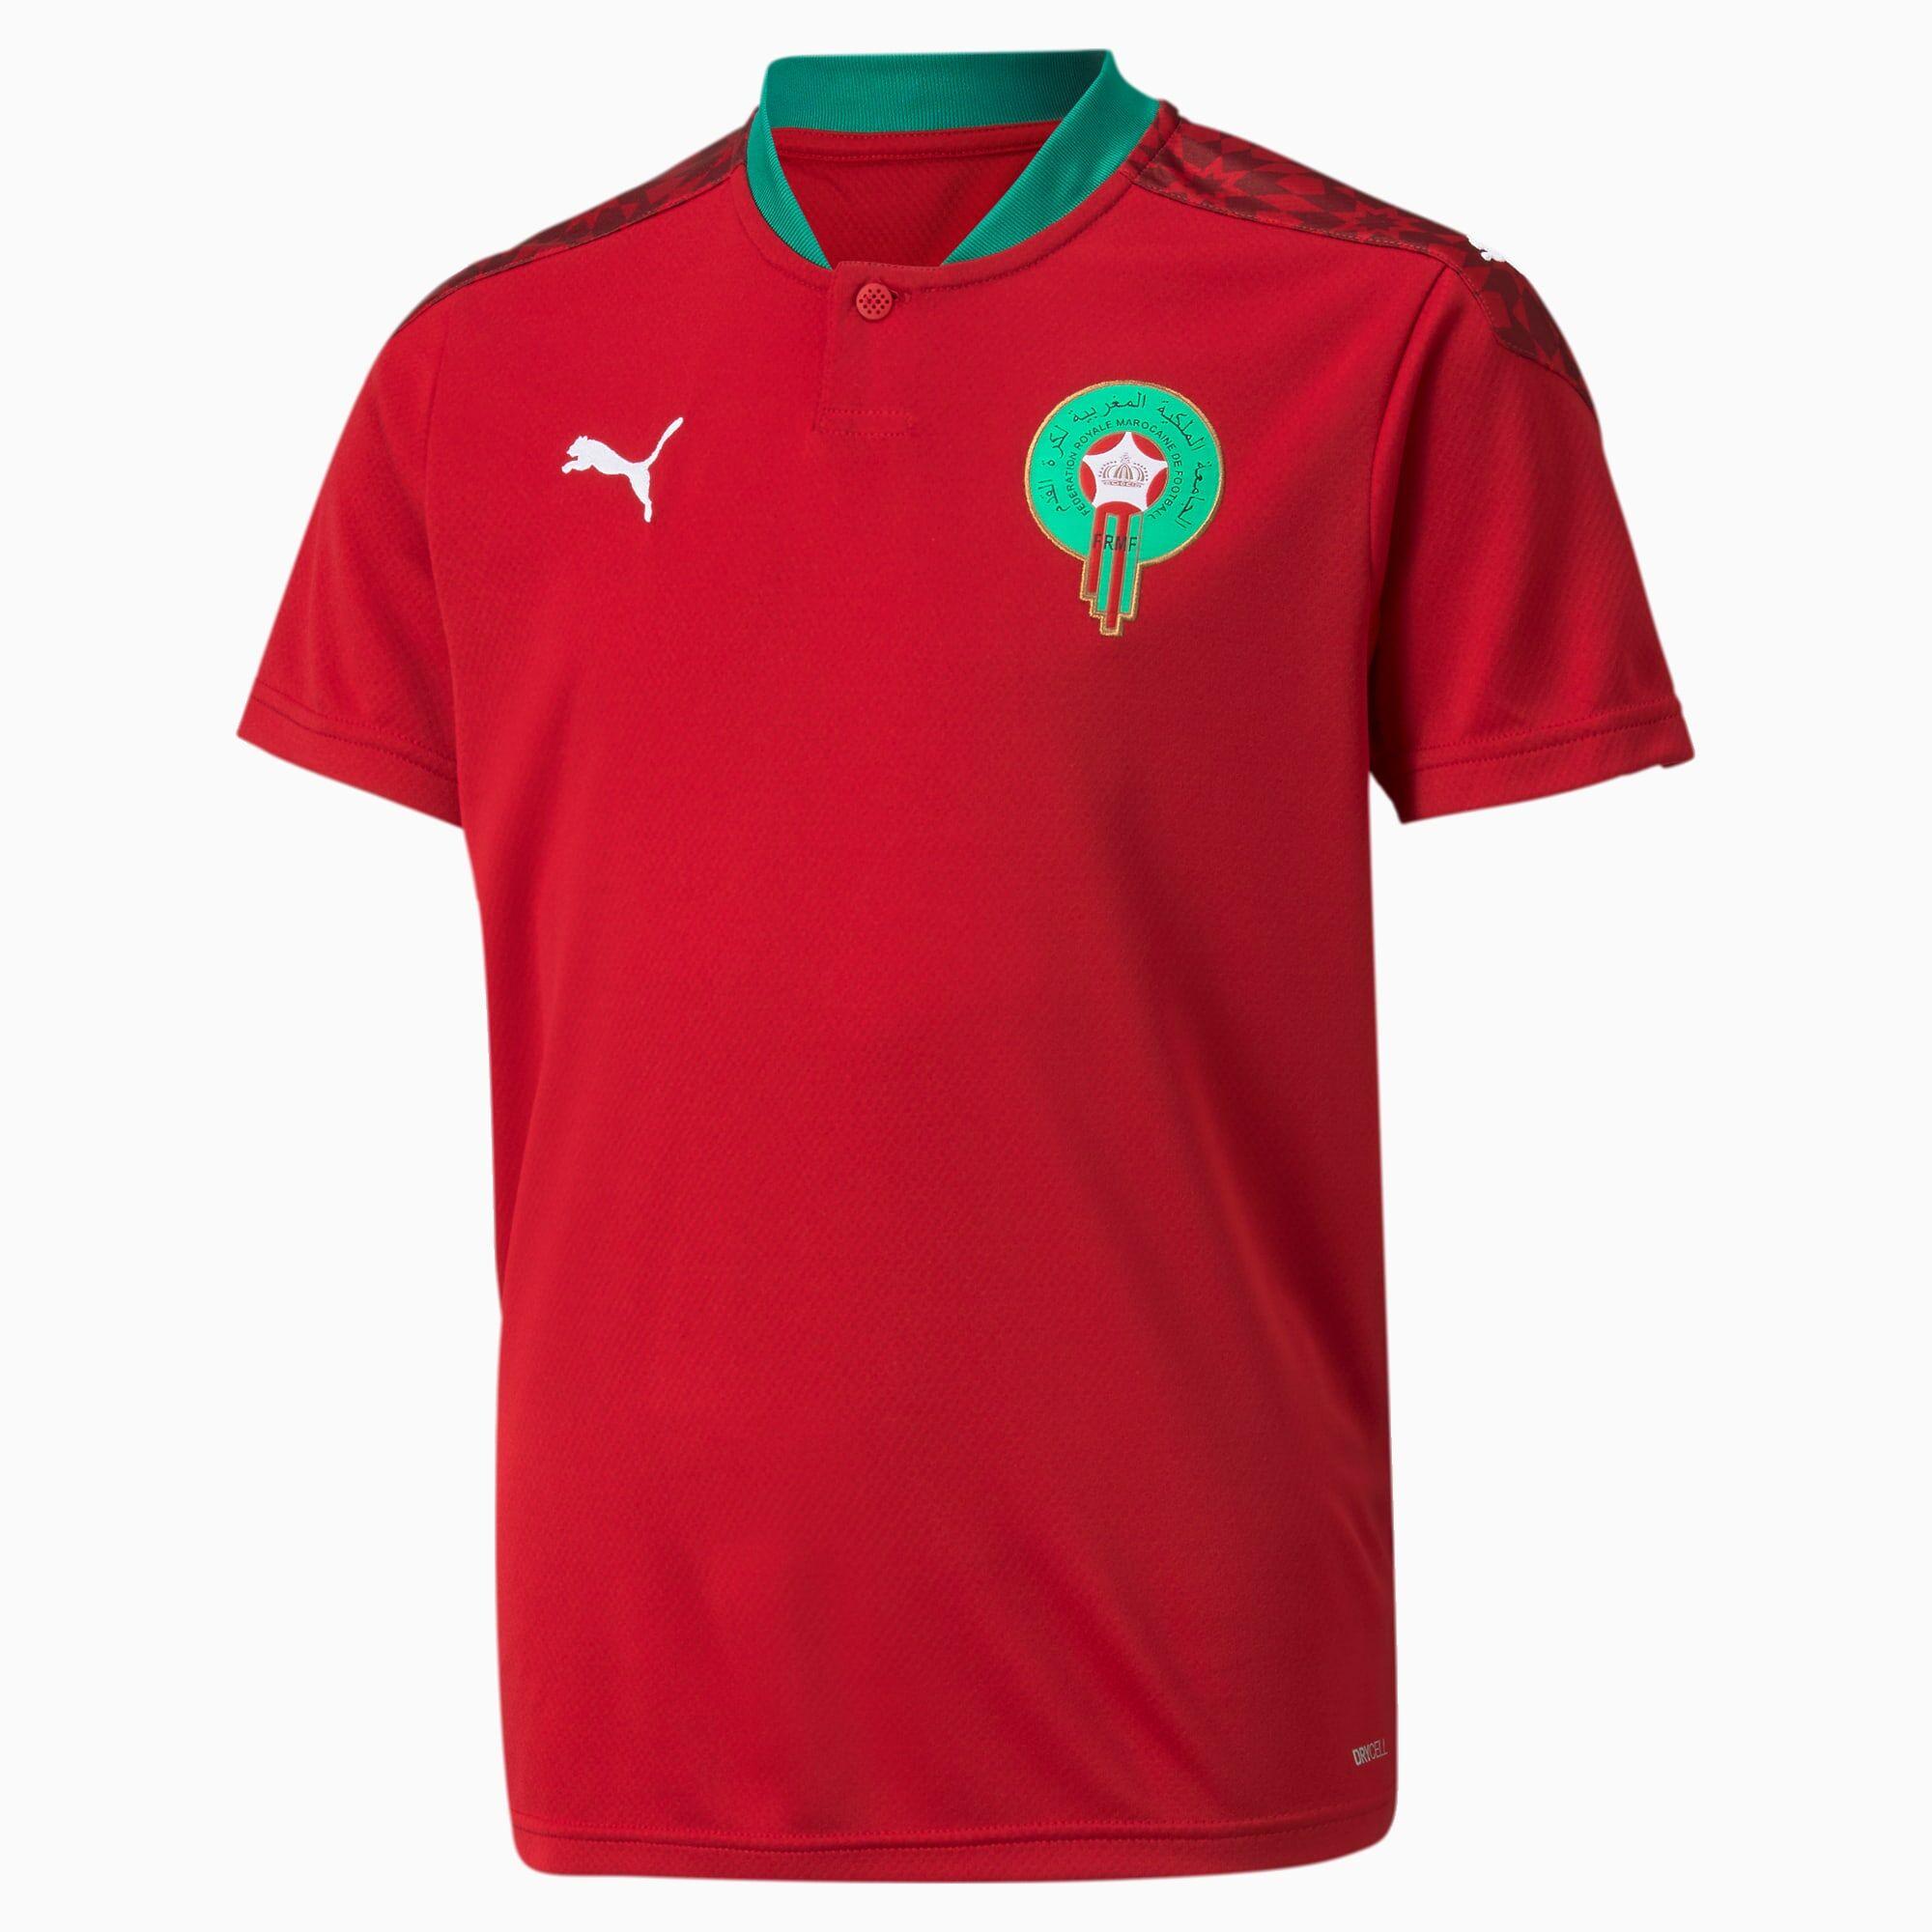 PUMA Maillot Domicile Maroc Youth Replica pour Enfant, Rouge/Blanc, Taille 116, Vêtements